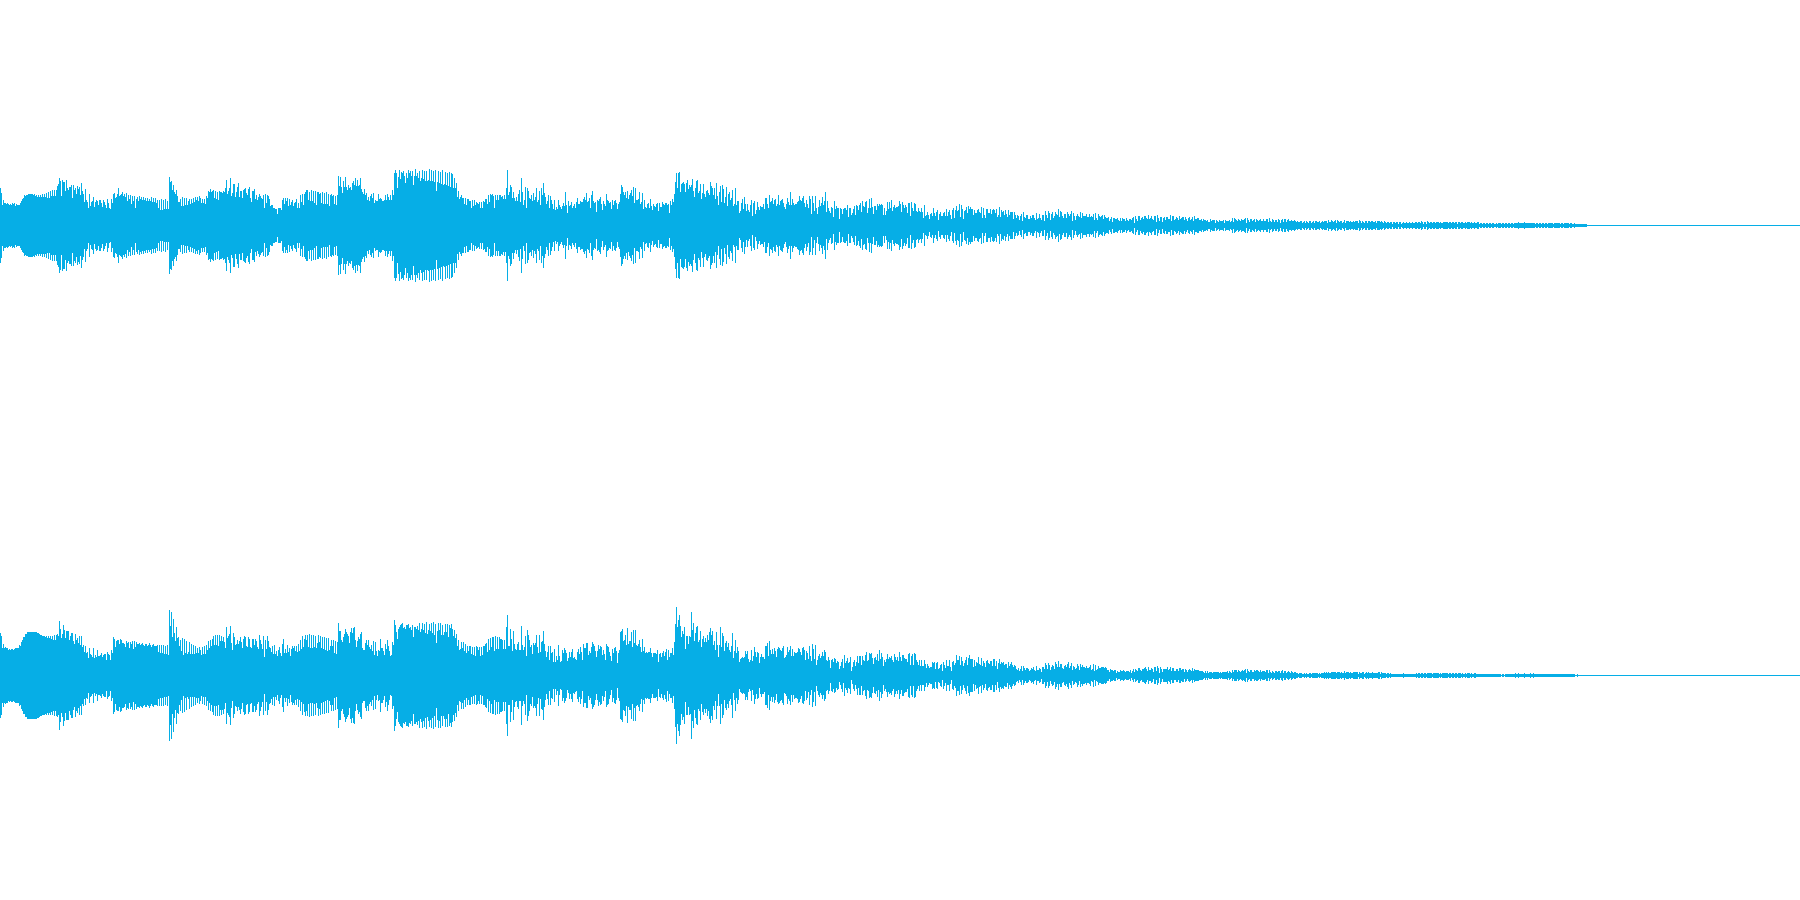 エレキピアノによるドロドロとしたジングルの再生済みの波形